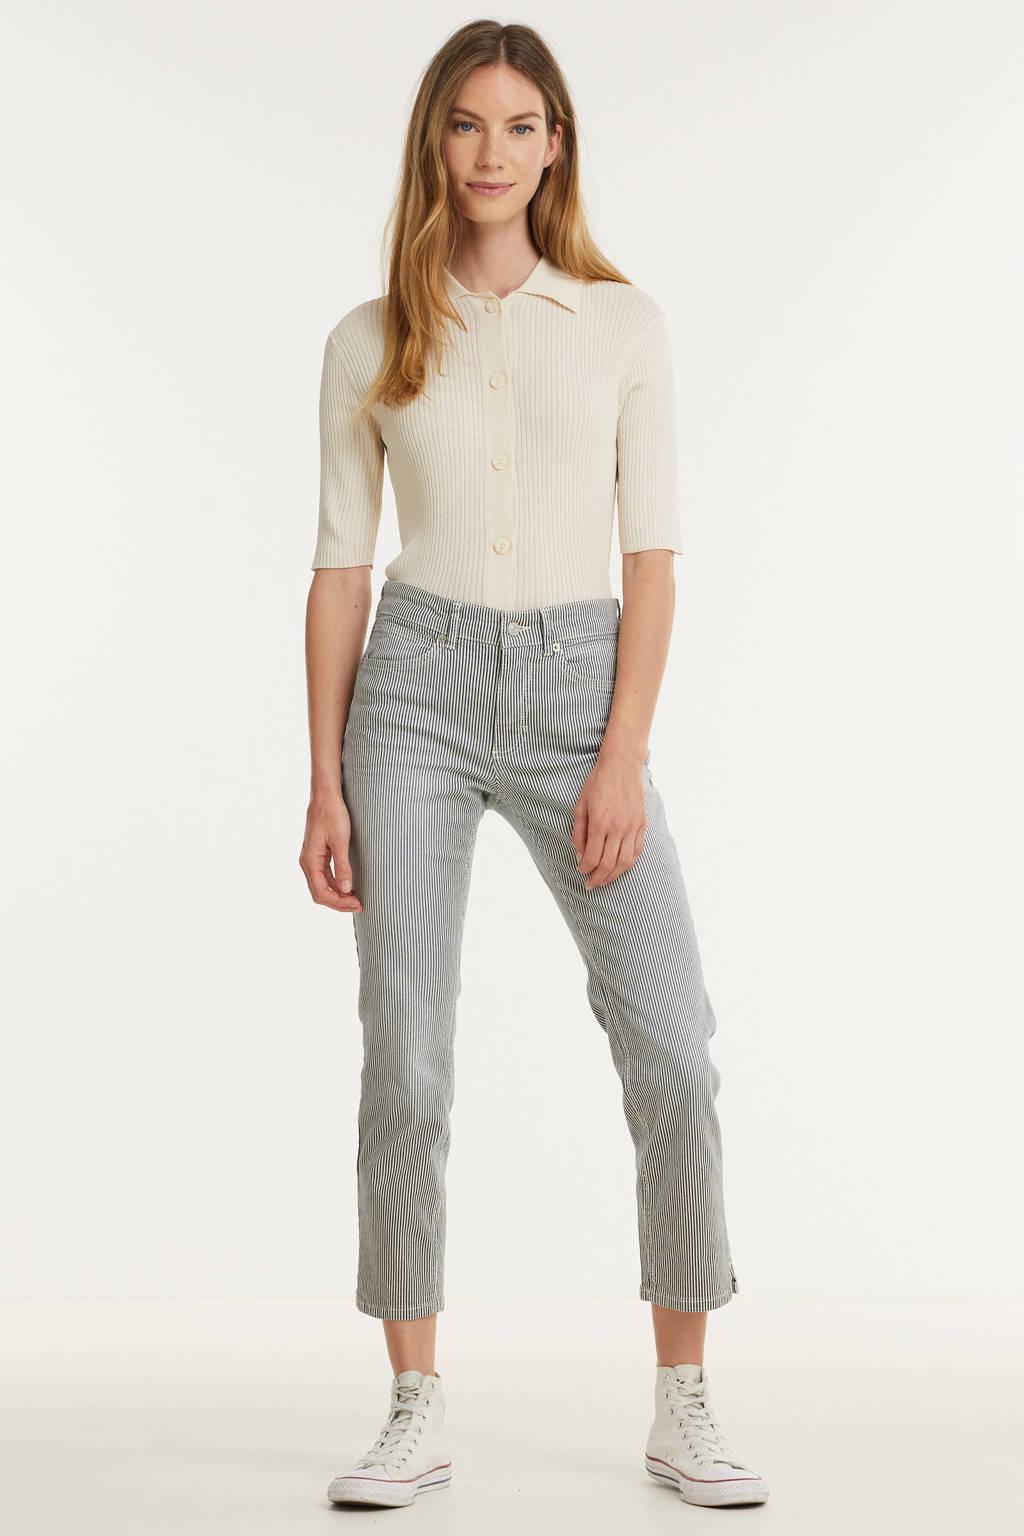 MAC gestreepte cropped slim fit jeans Angela 7/8 d467  summer blue stripe, D467  summer blue stripe